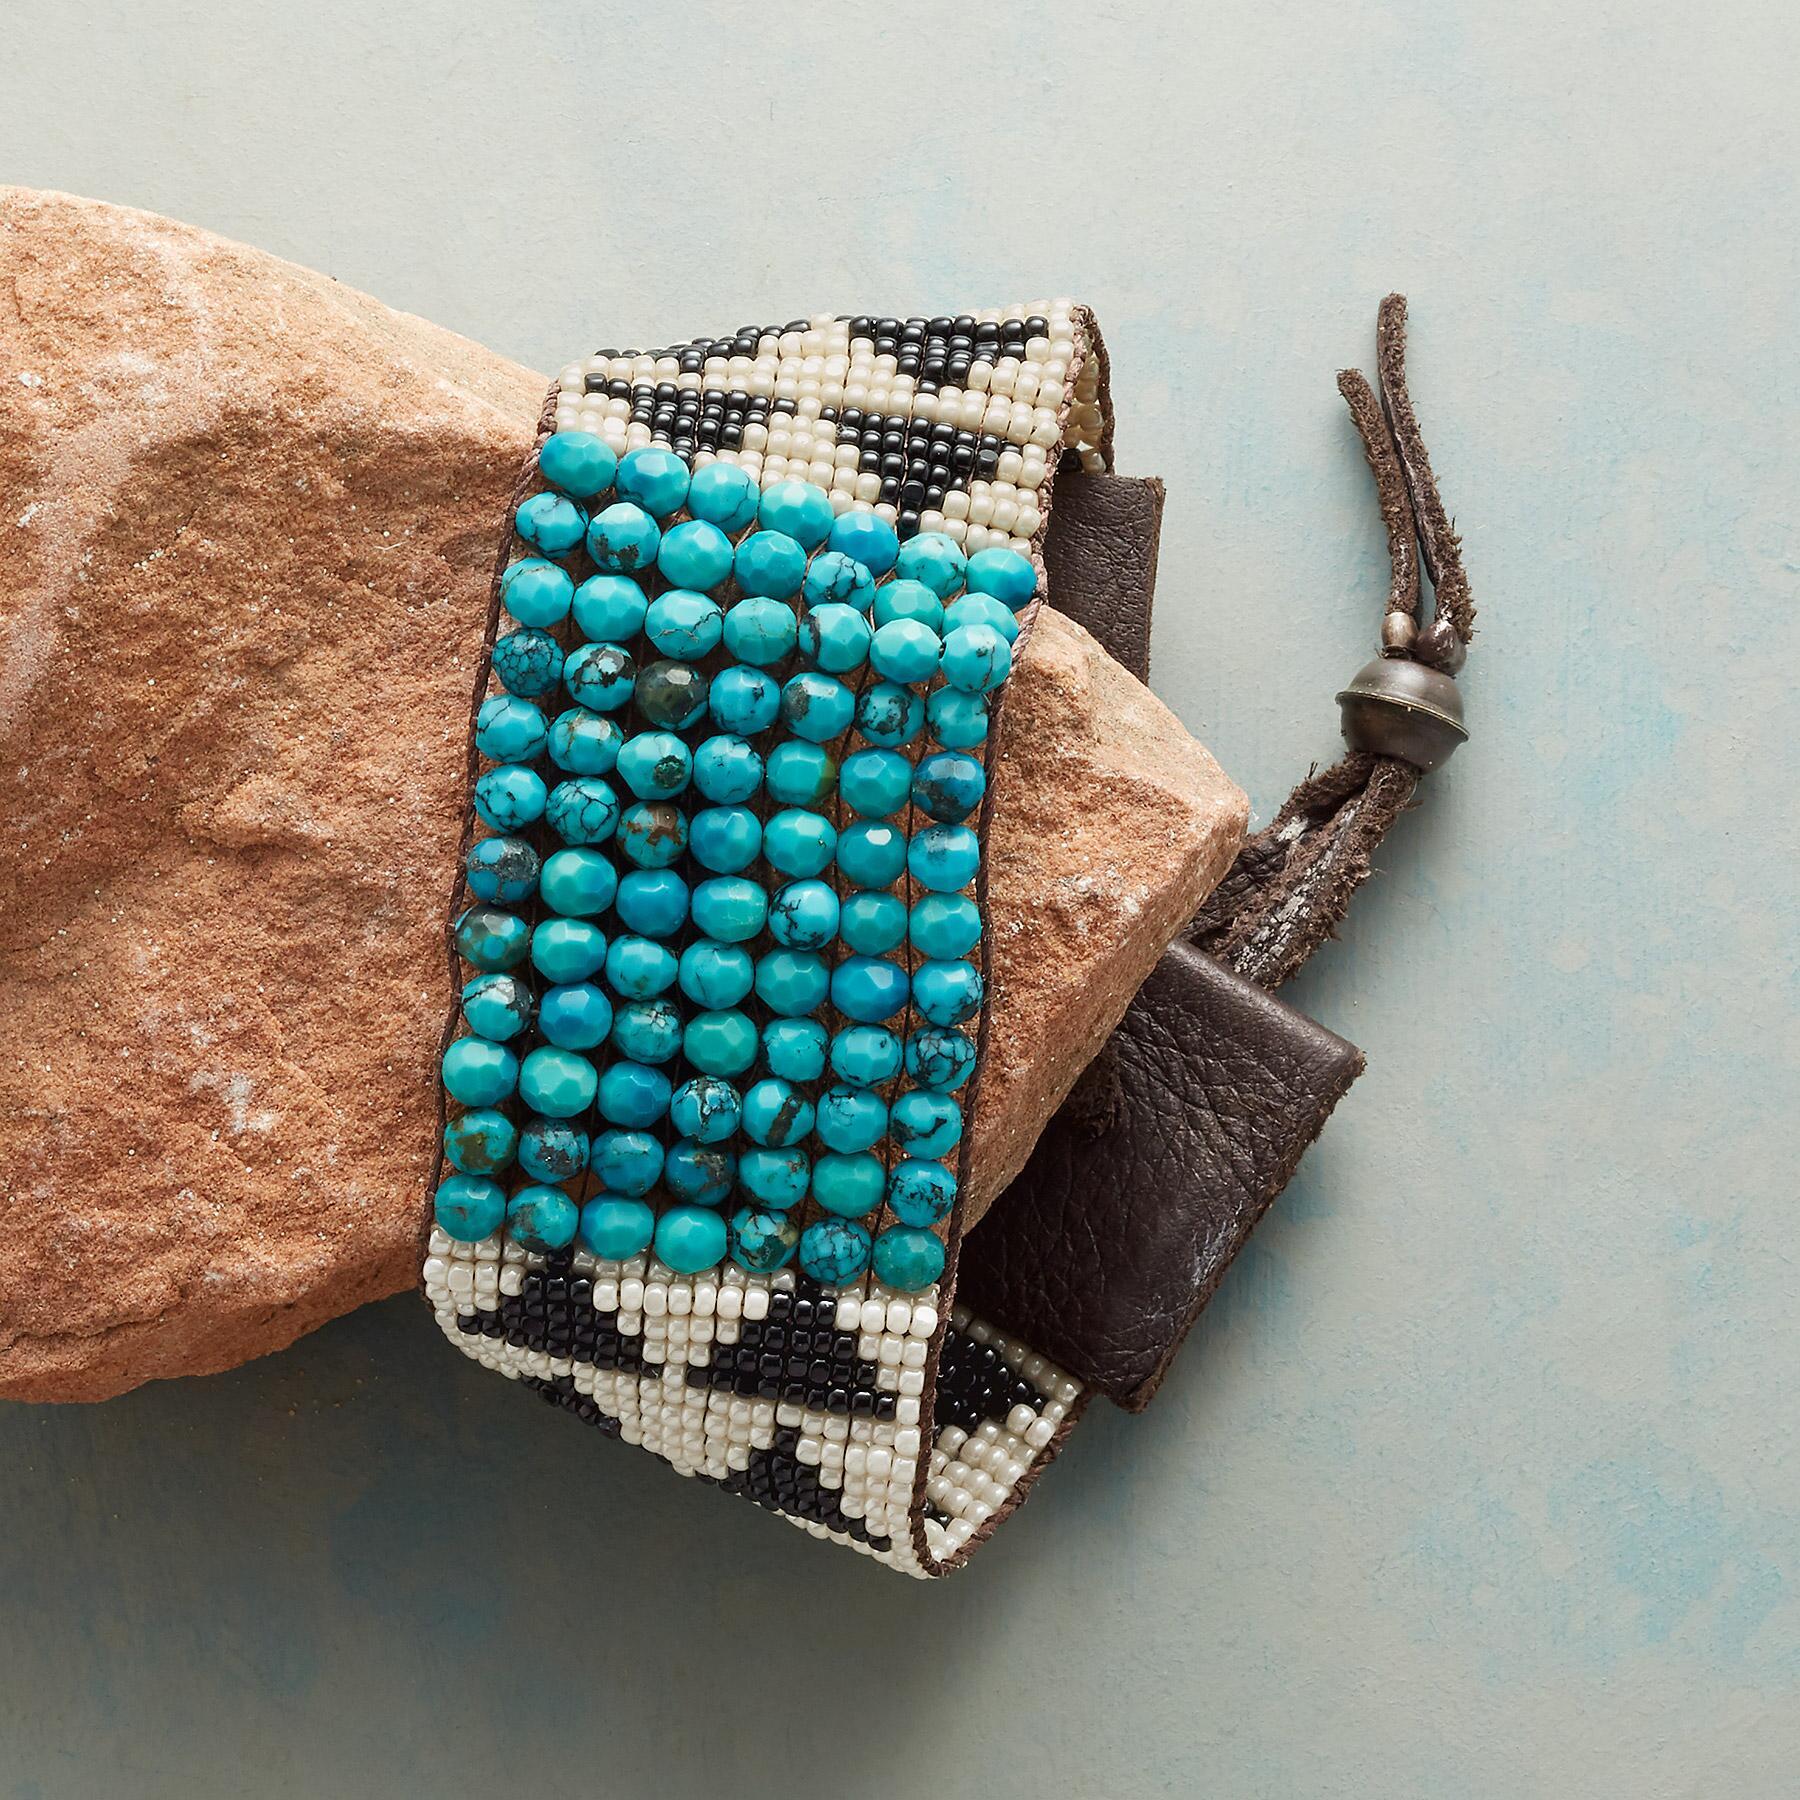 Naomi Herndon Bandelier beaded bracelet from Sundance Catalog